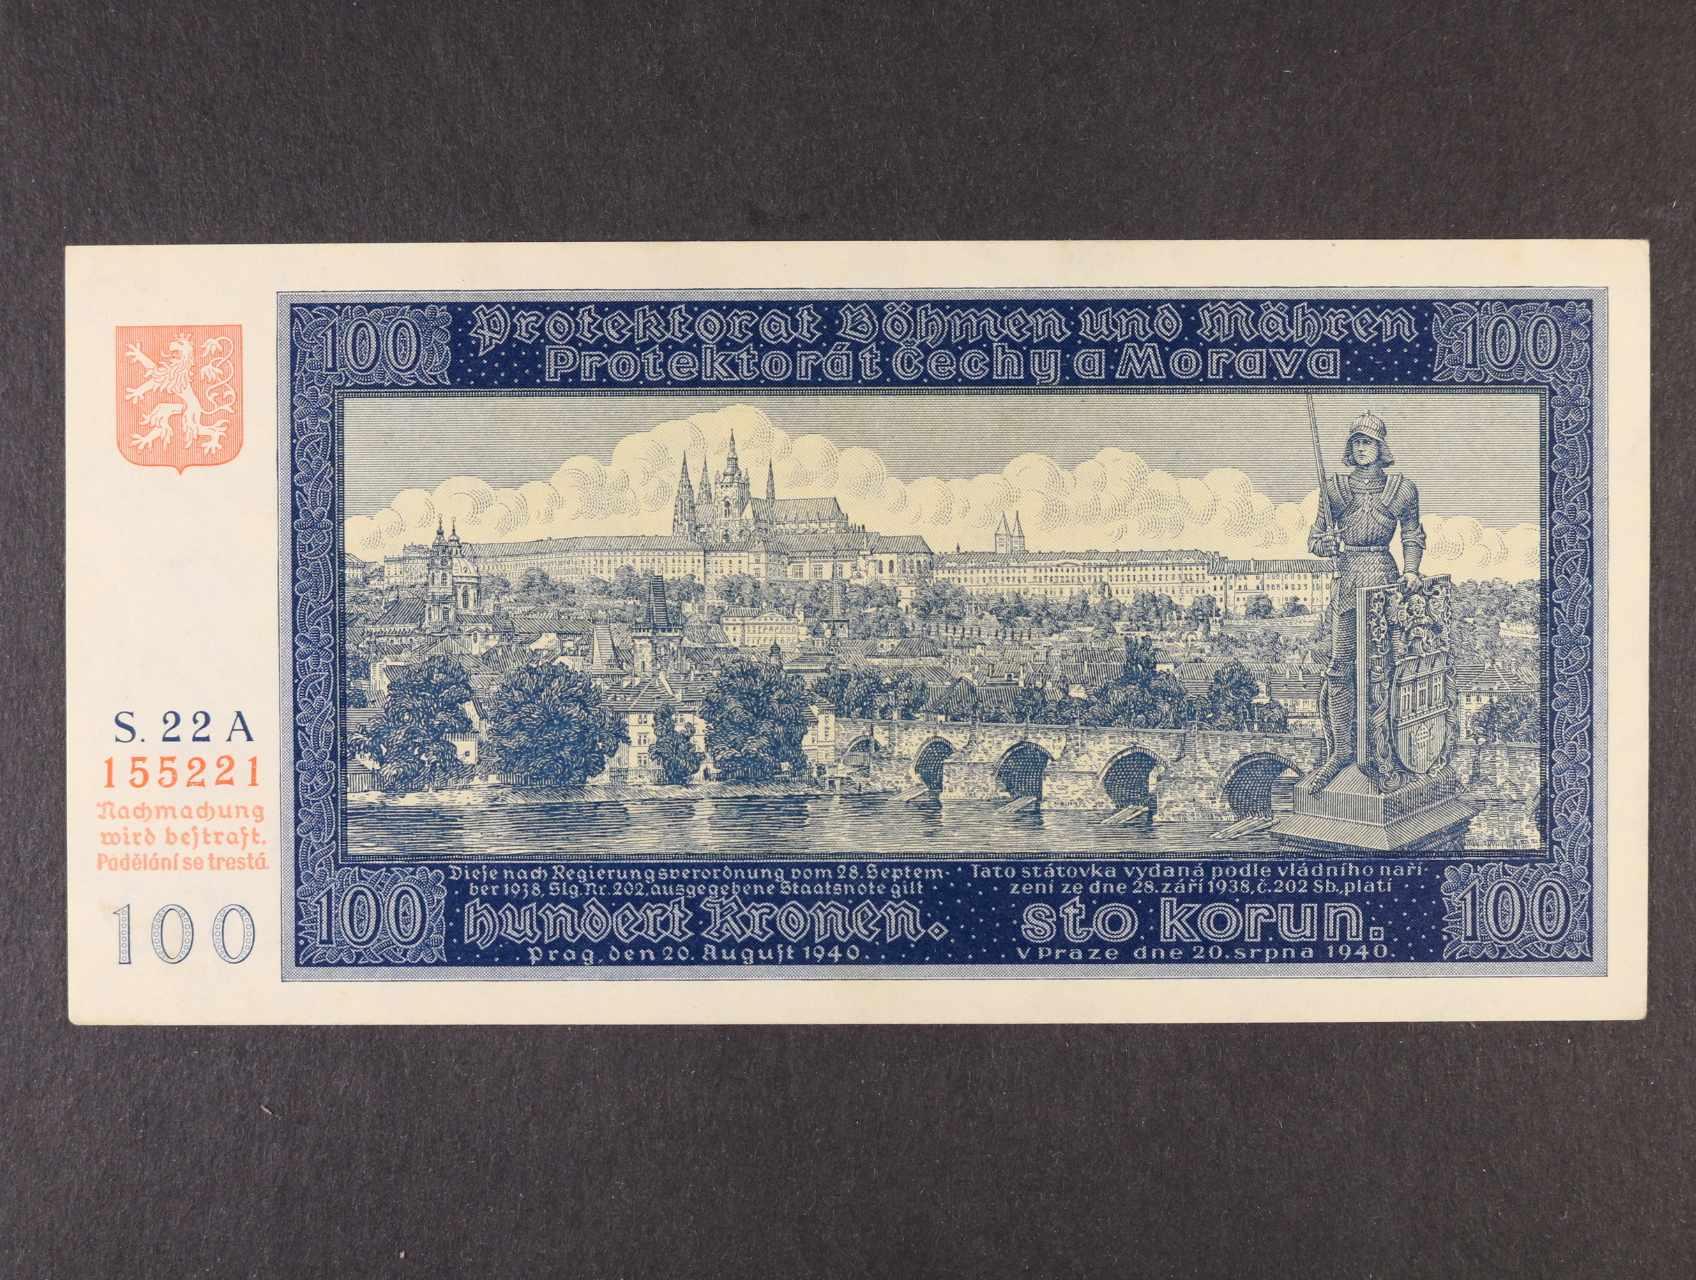 100 K 20.8.1940 I.vydání série 22 A, Ba. 32, Pi. 6